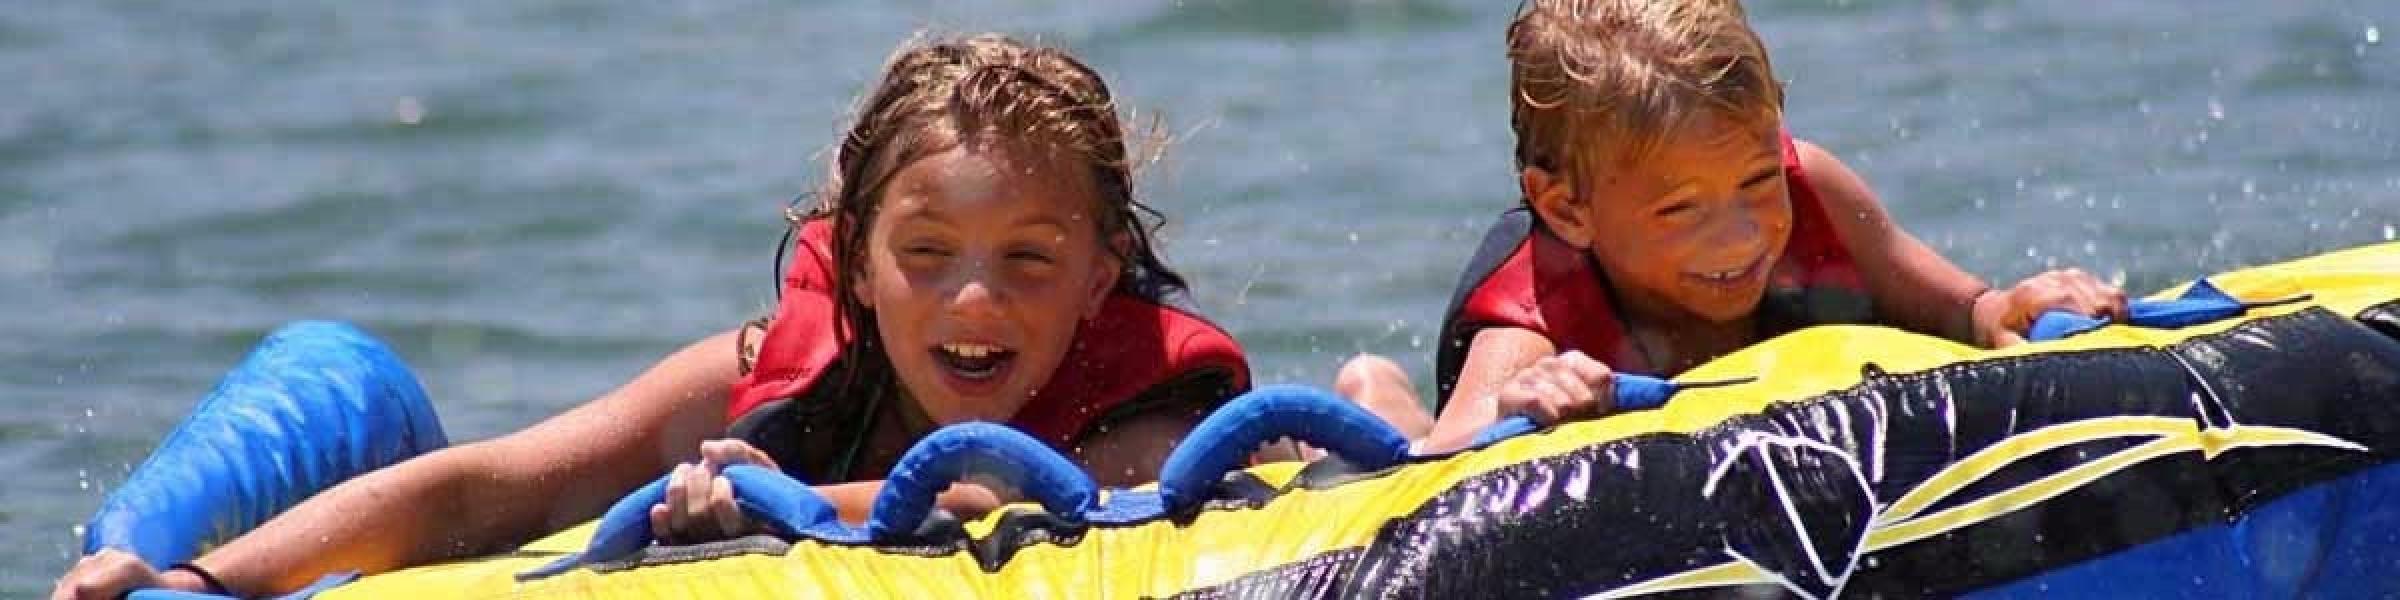 2015-kids-tubing-on-lake-having-fun-slider